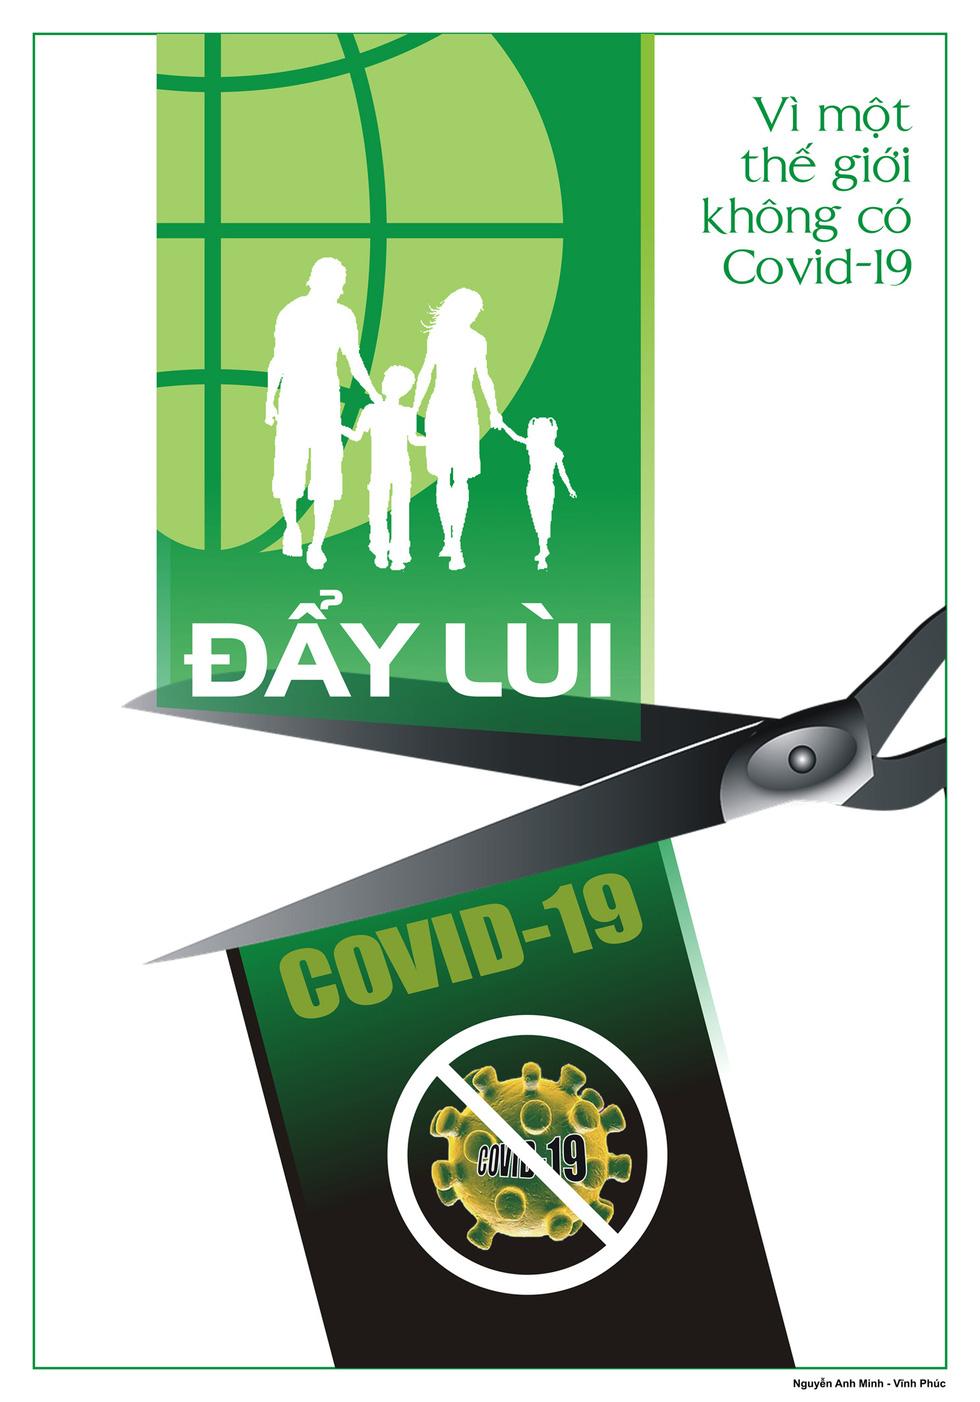 Tin giả gánh hậu quả thật vào tranh cổ động phòng chống COVID-19 - Ảnh 9.